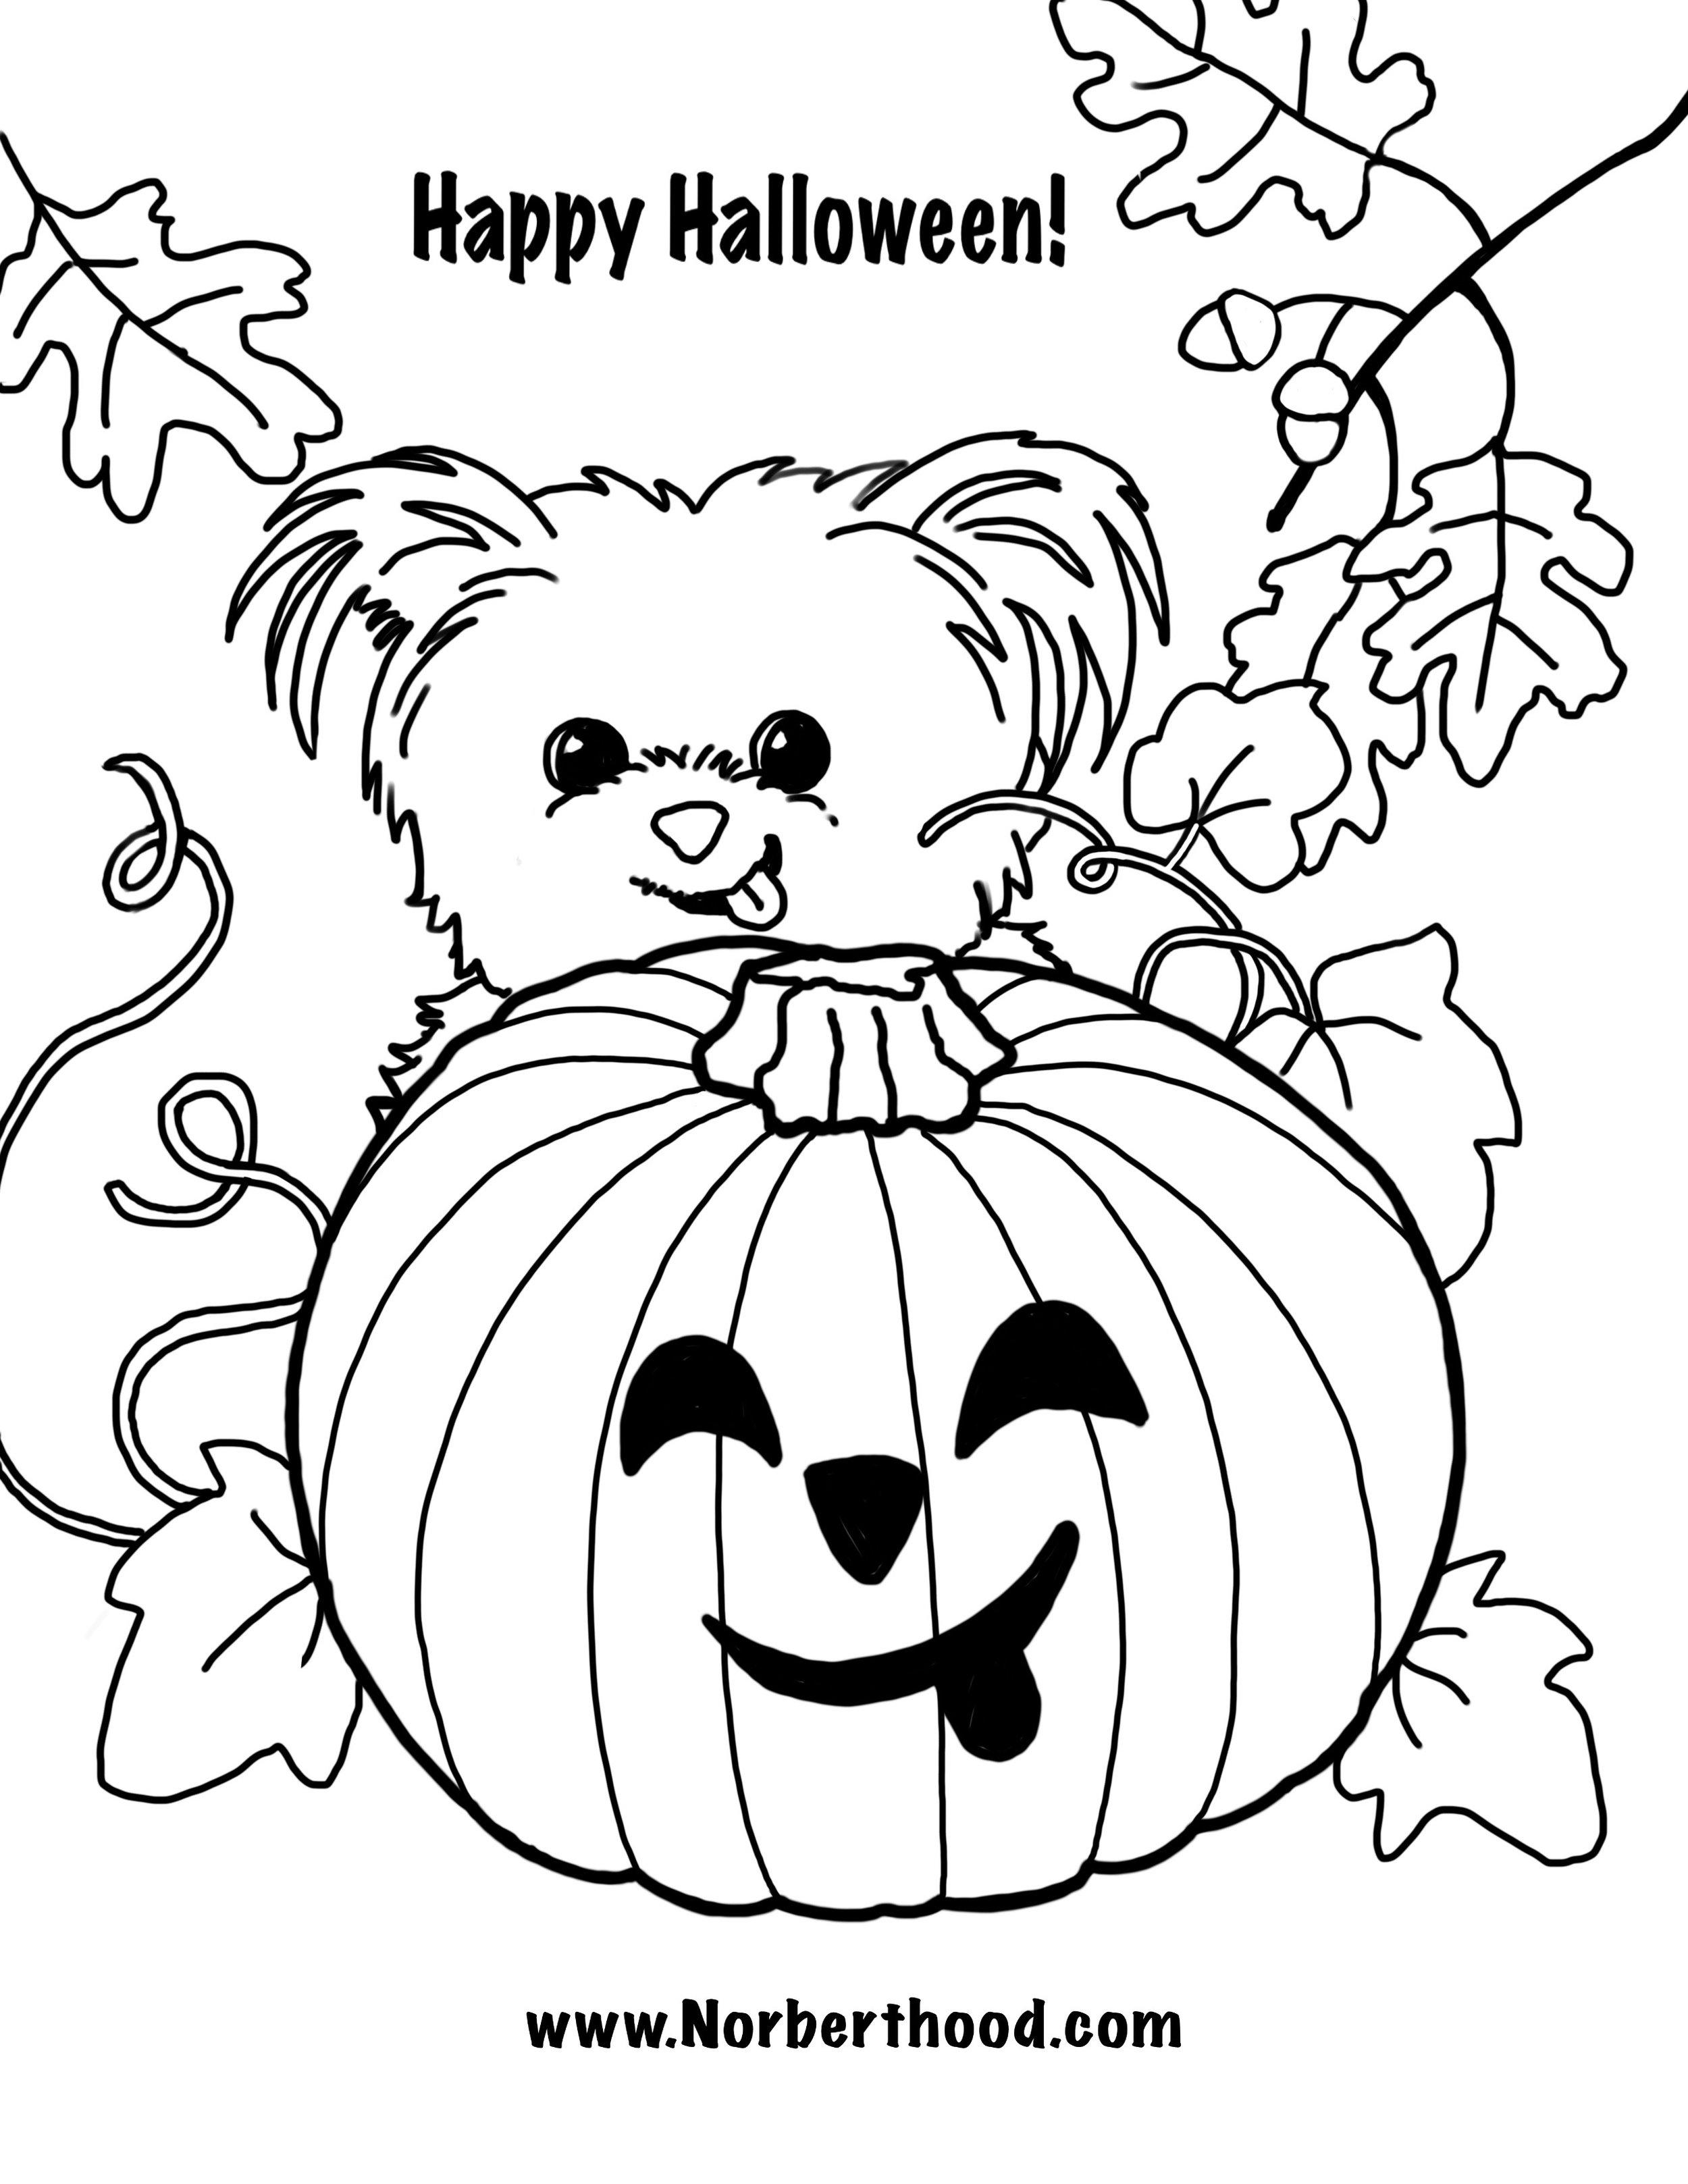 Norbert_Happy Halloween.jpg